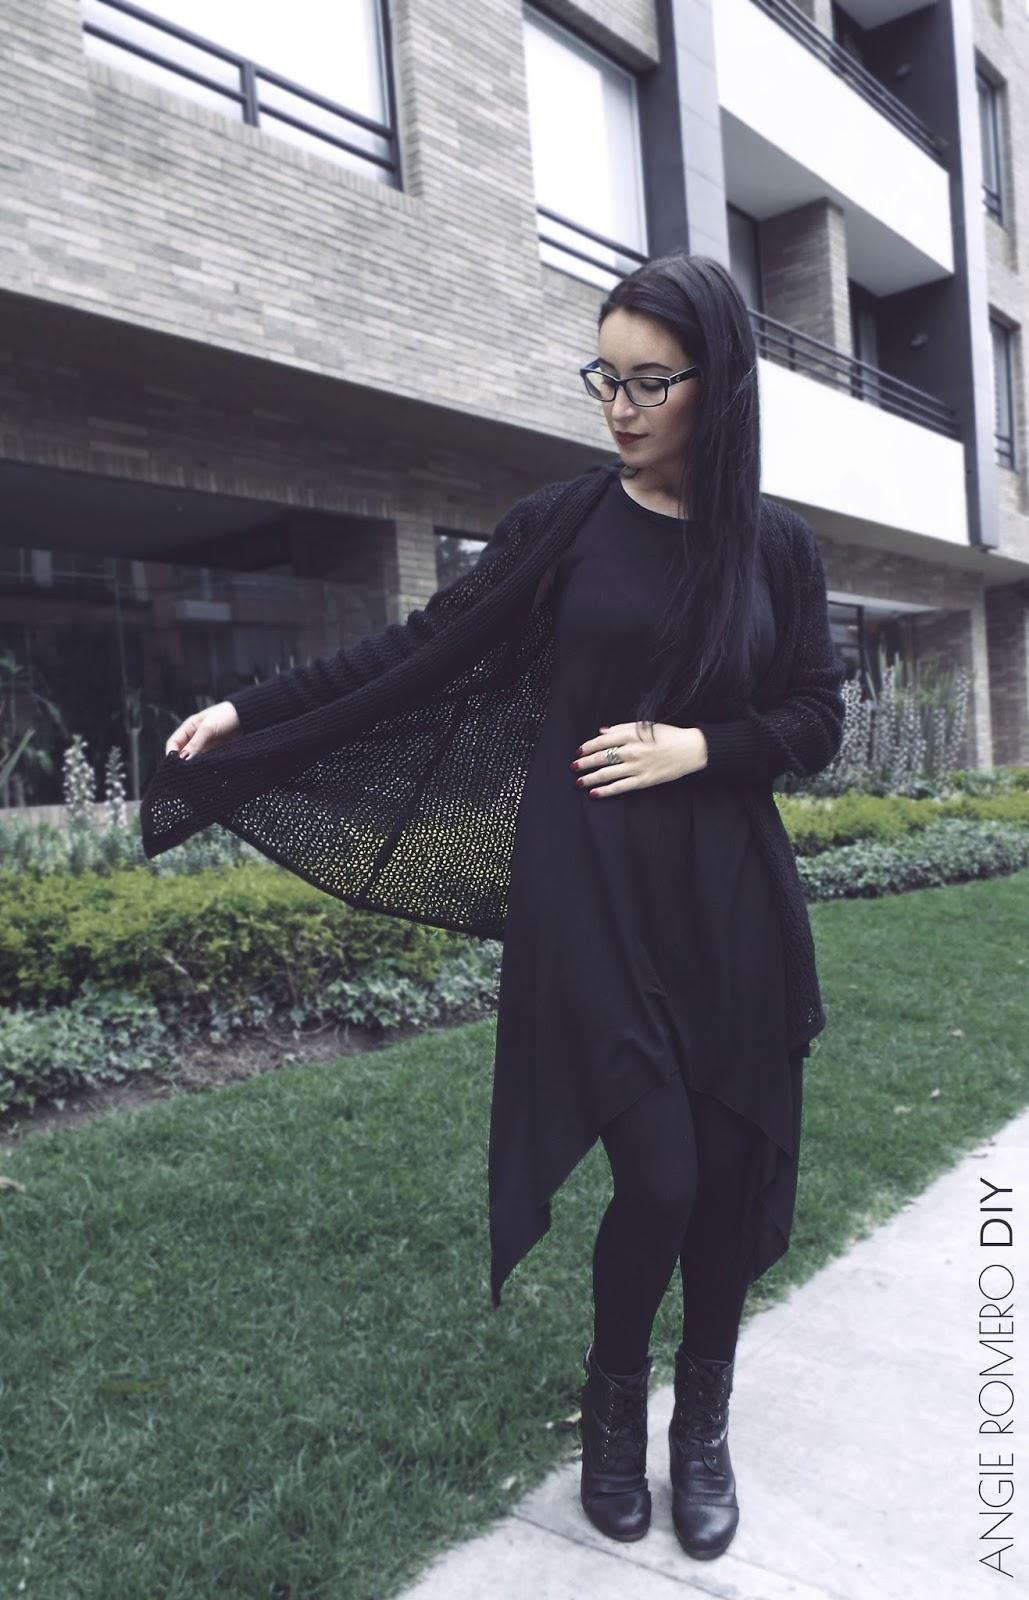 Cómo vestir capas estilo oscuro, outfit inspirado en strega.